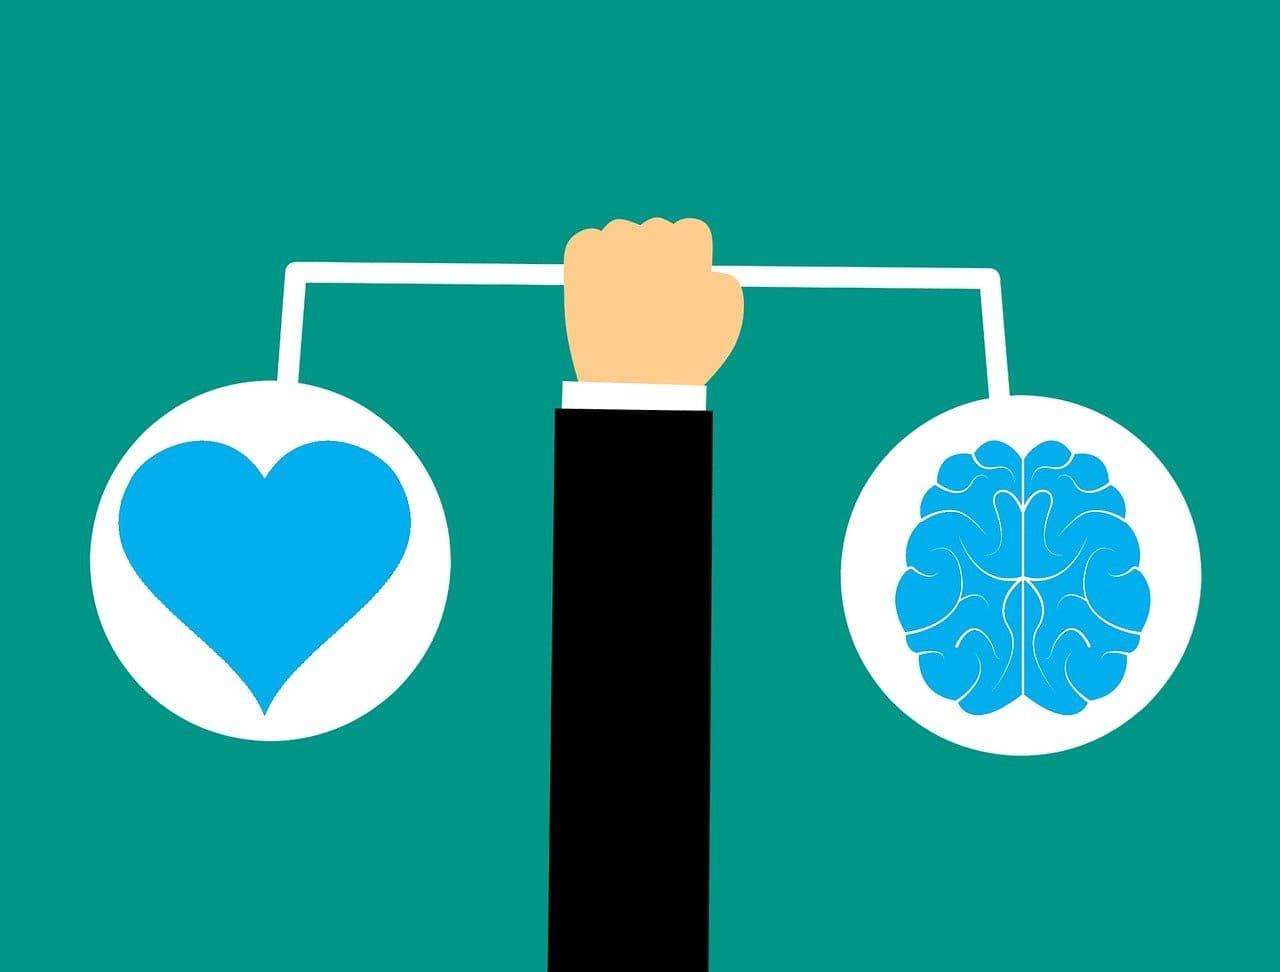 """Was ist mit dem """"inneren Schatz"""" gemeint, der angeblich das einzige ist, was wirklich glücklich macht (Beitrag auf Quora)"""